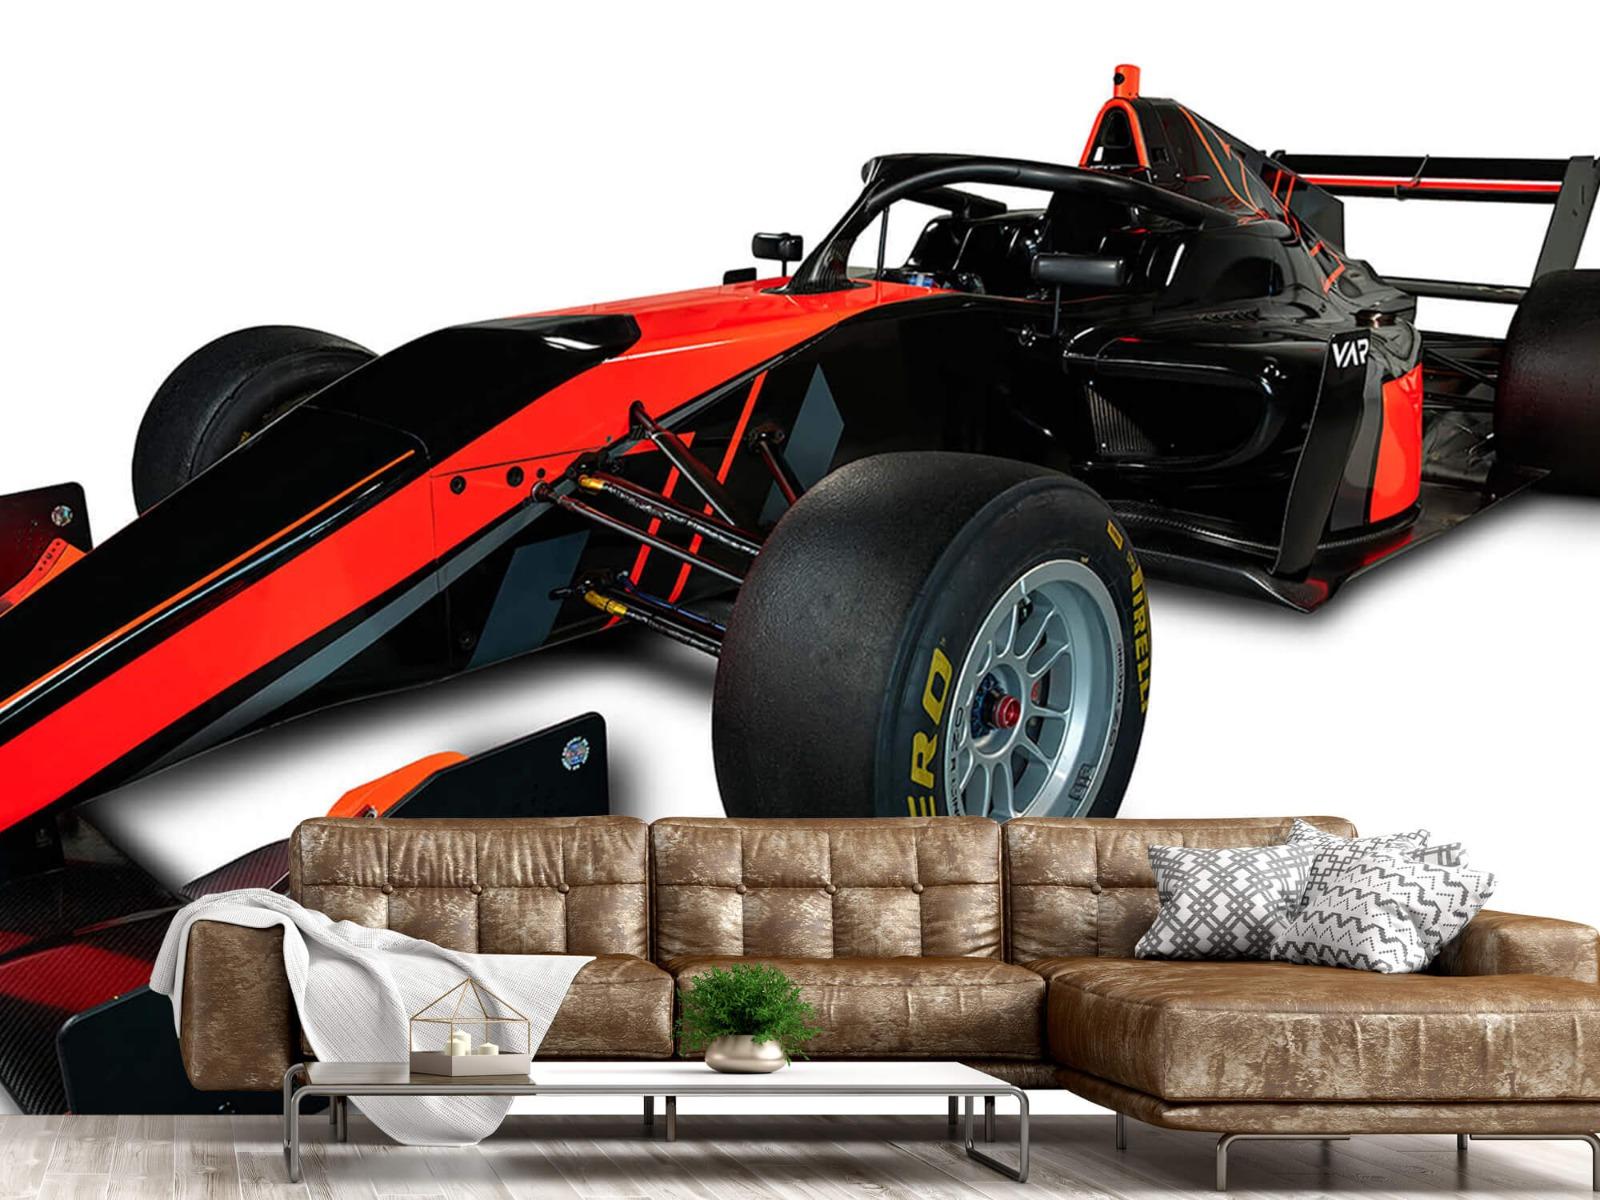 Sportauto's - Formule 3 - Left front view - Tienerkamer 14